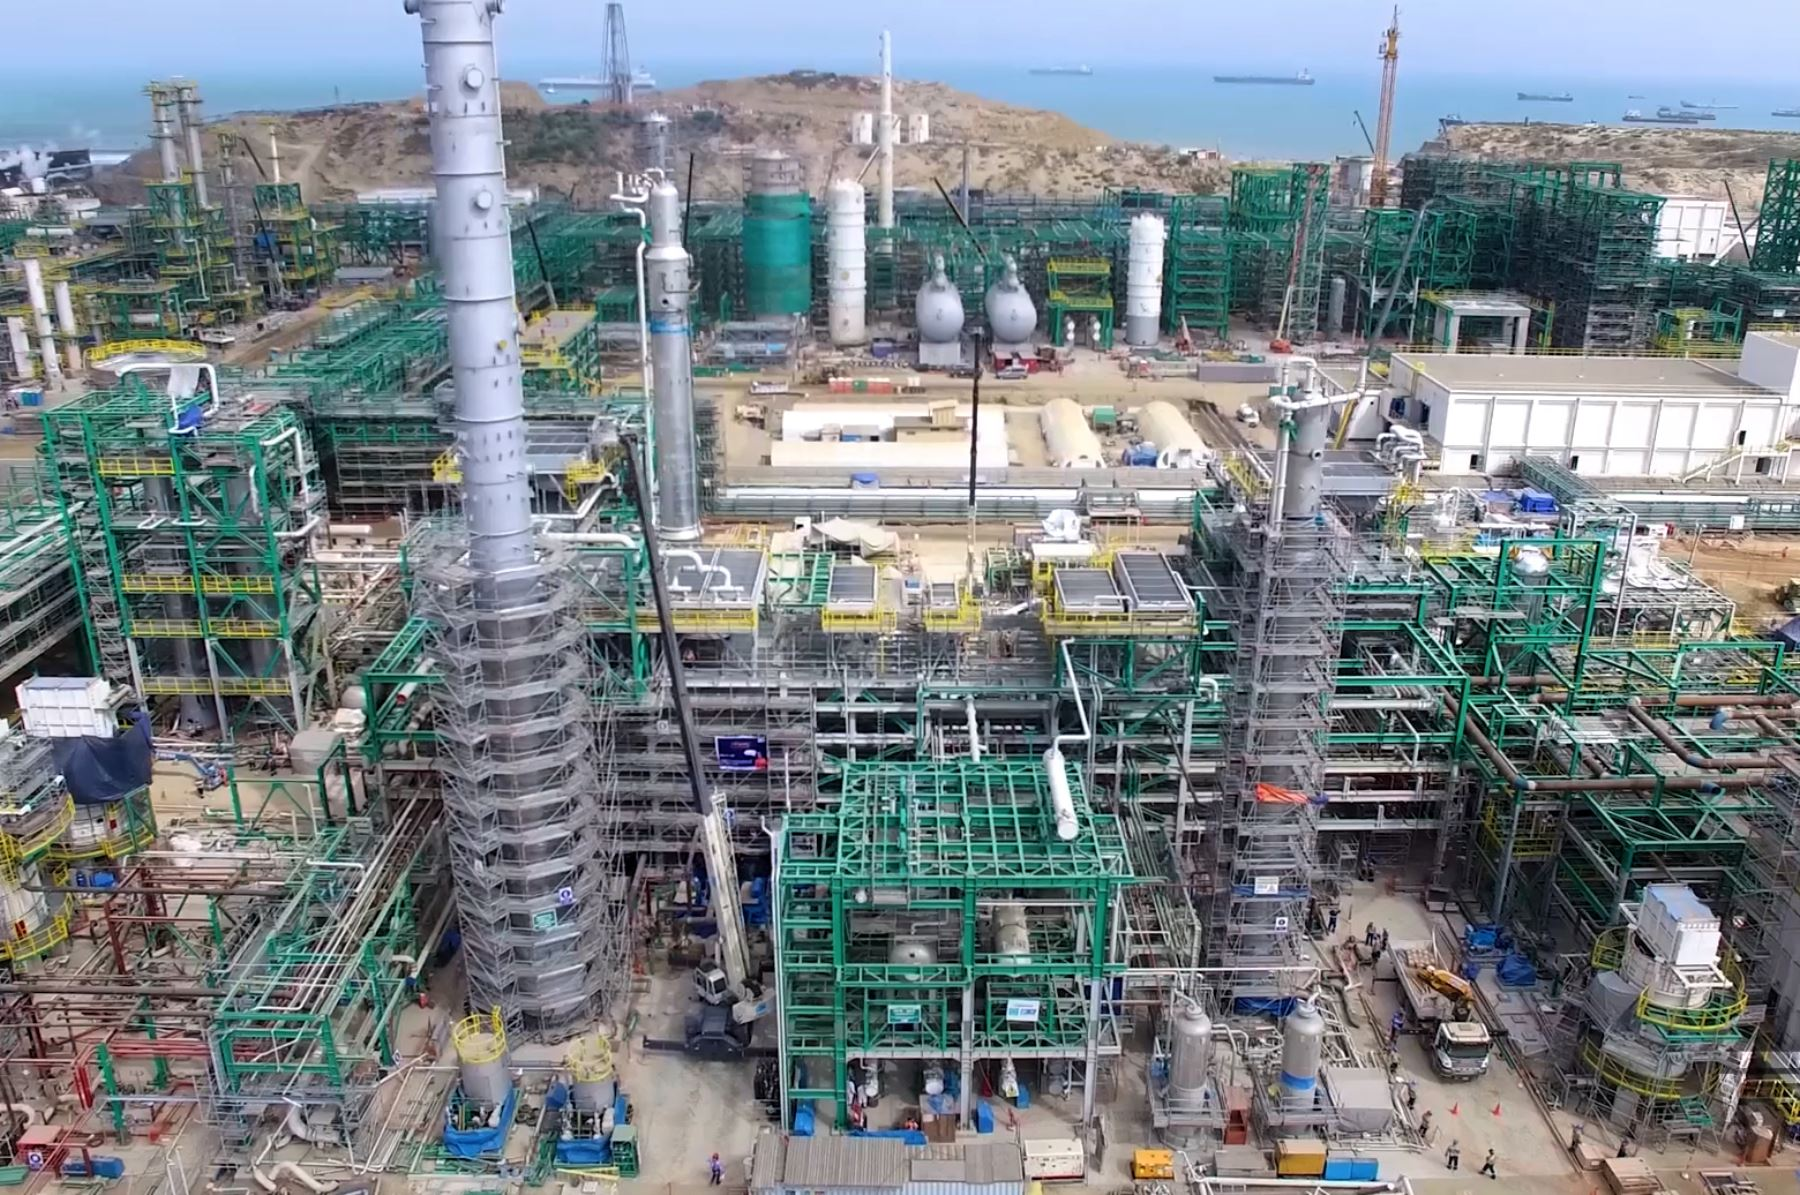 Modernización de la refinería de Talara. ANDINA/Jhony Laurente